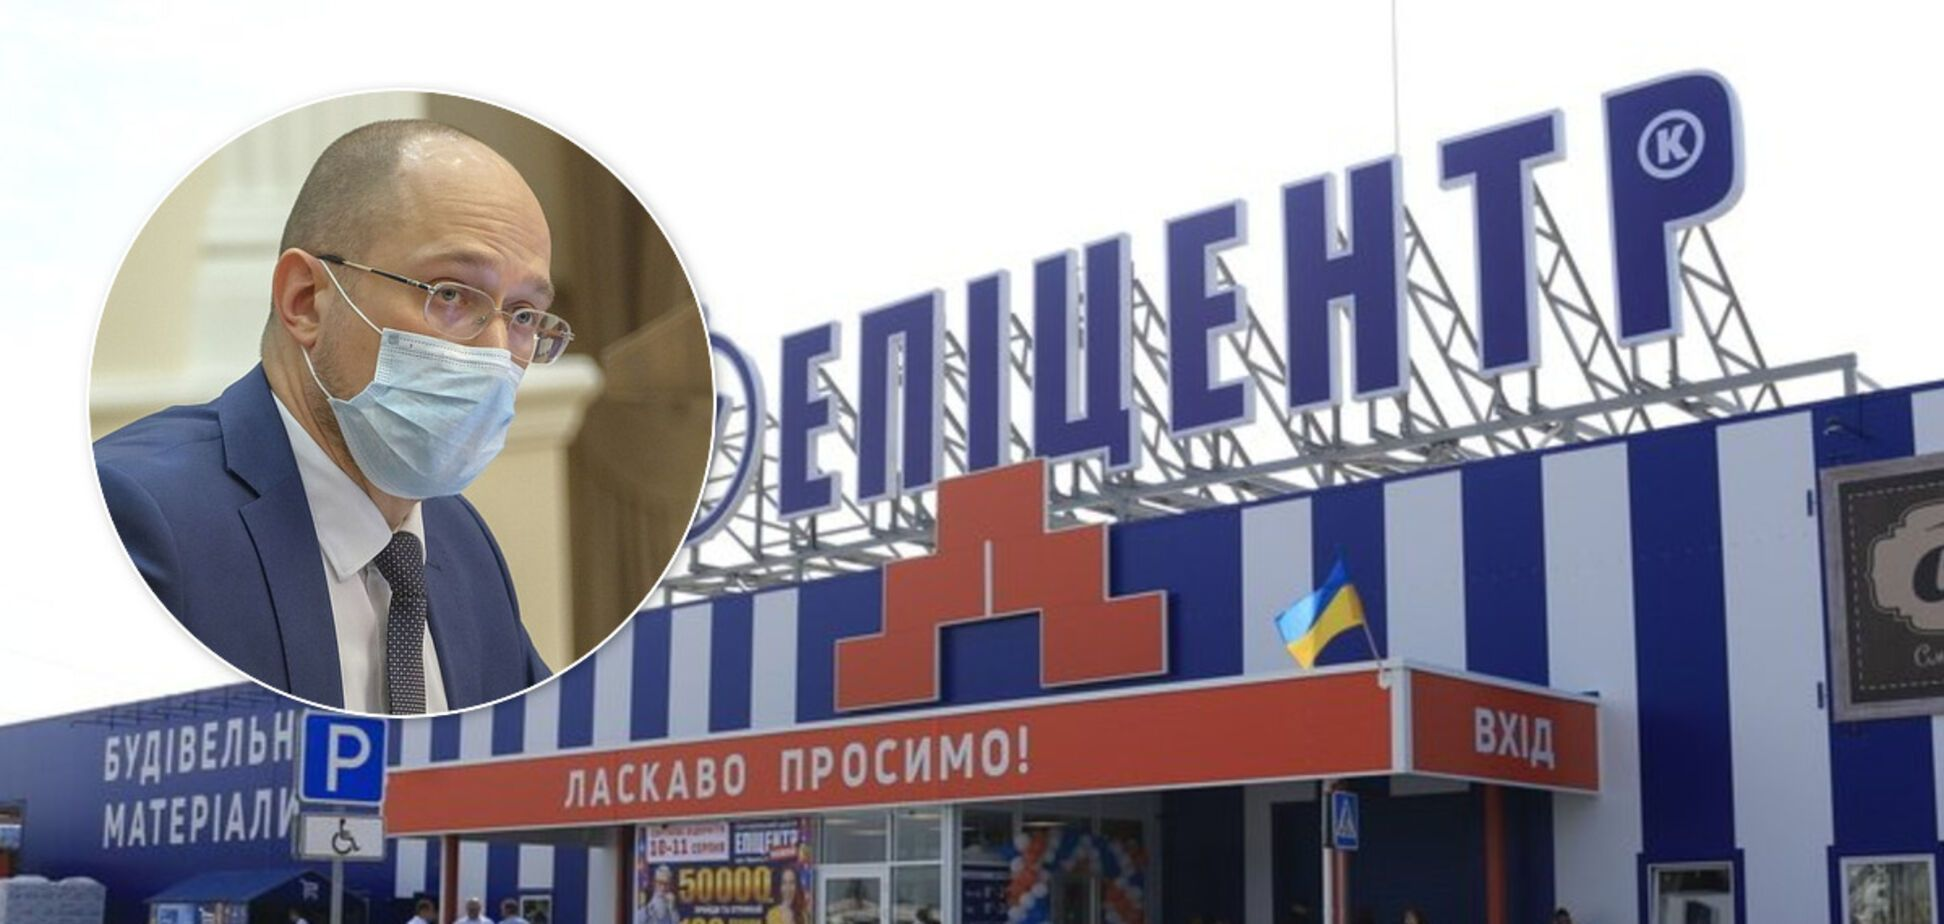 В скандале с 'Эпицентром' всплыл показательный нюанс: опубликован документ Кабмина